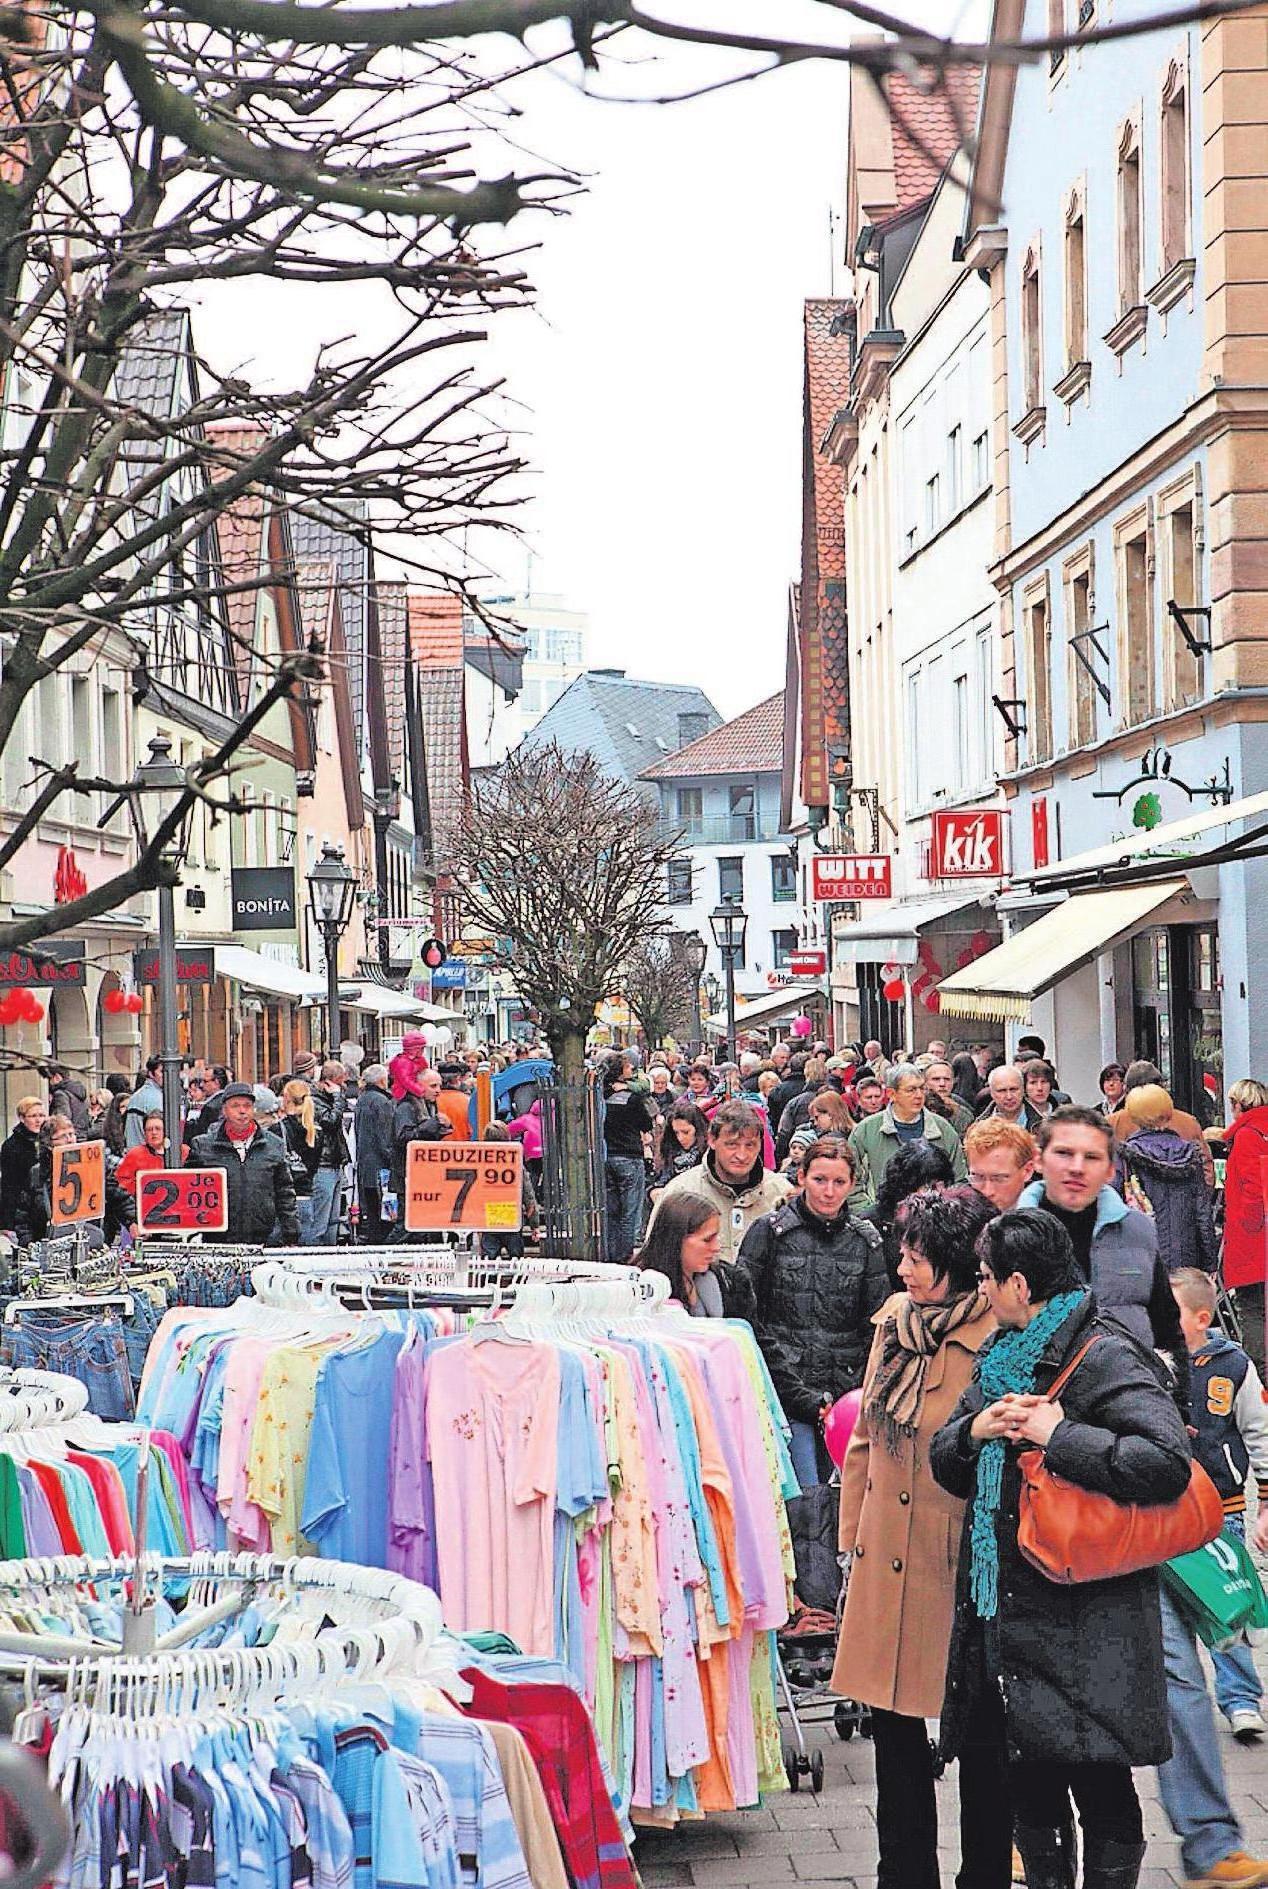 Die Geschäfte in Kulmbach locken am Sonntag mit Angeboten.